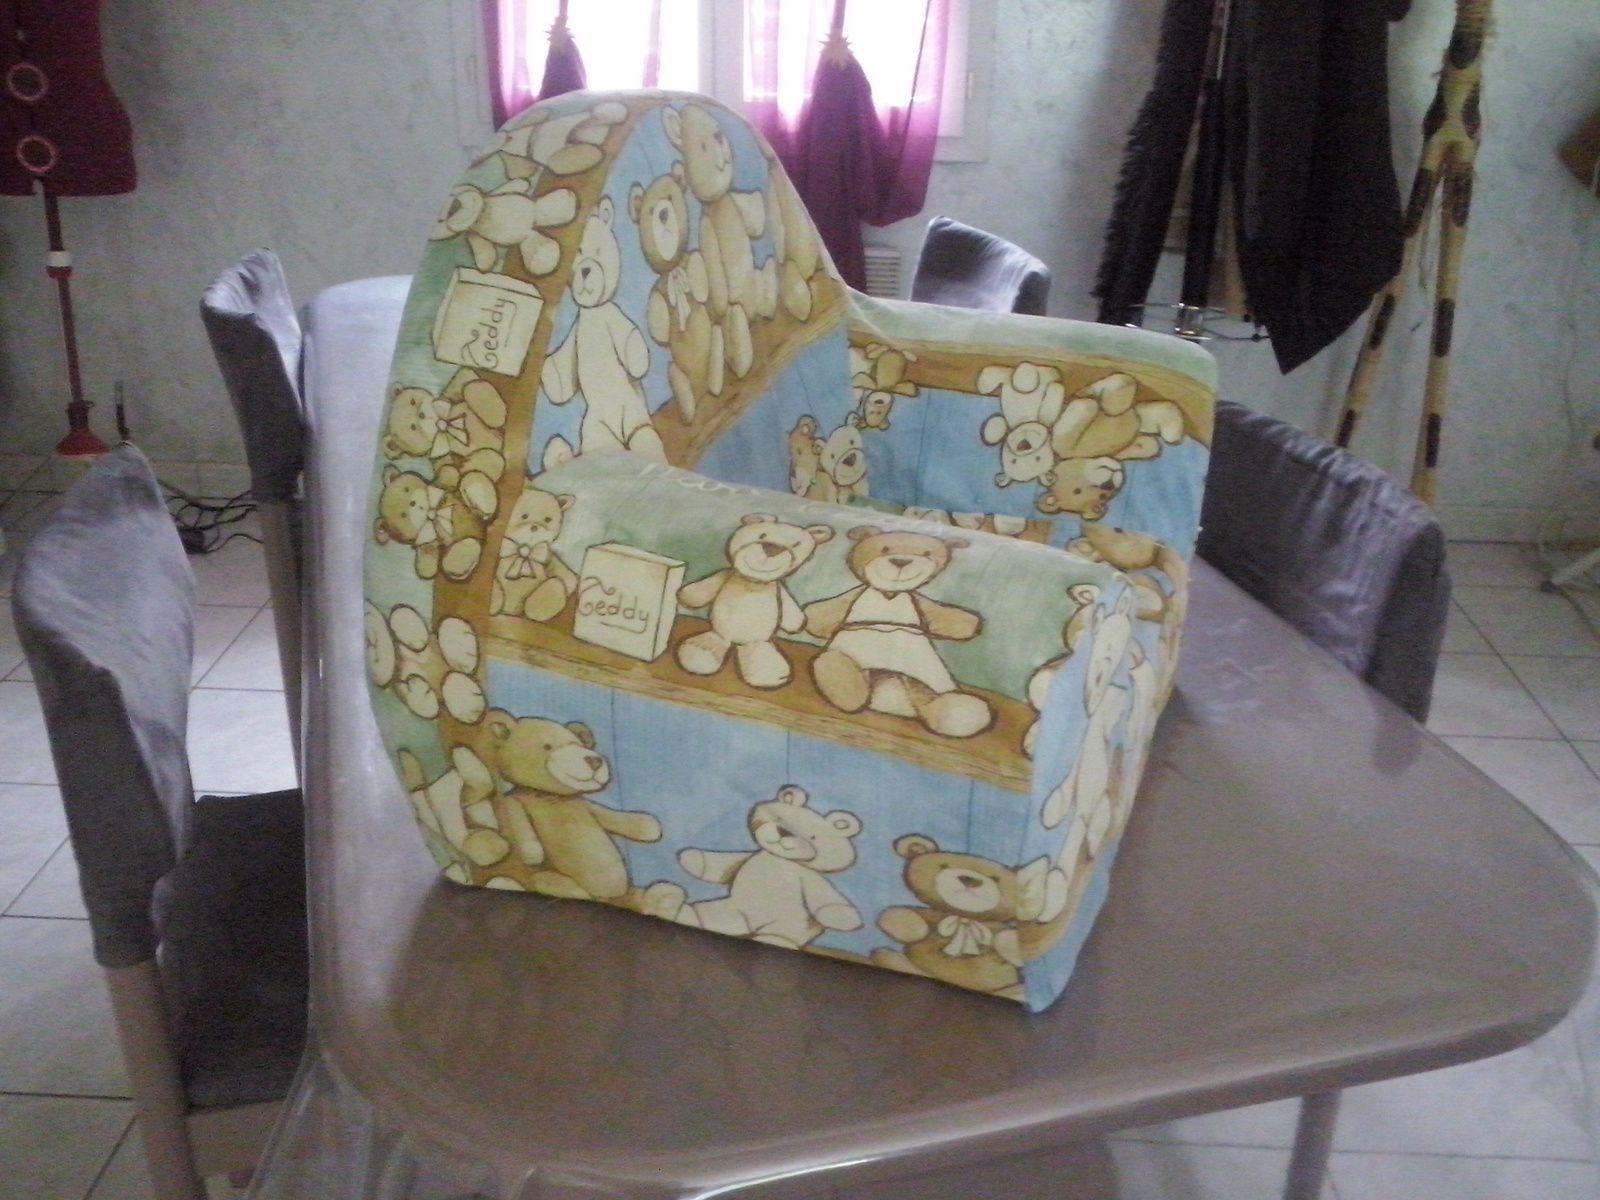 restauration d 39 un fauteuil en mousse pour enfant la couture de fleur de jade. Black Bedroom Furniture Sets. Home Design Ideas